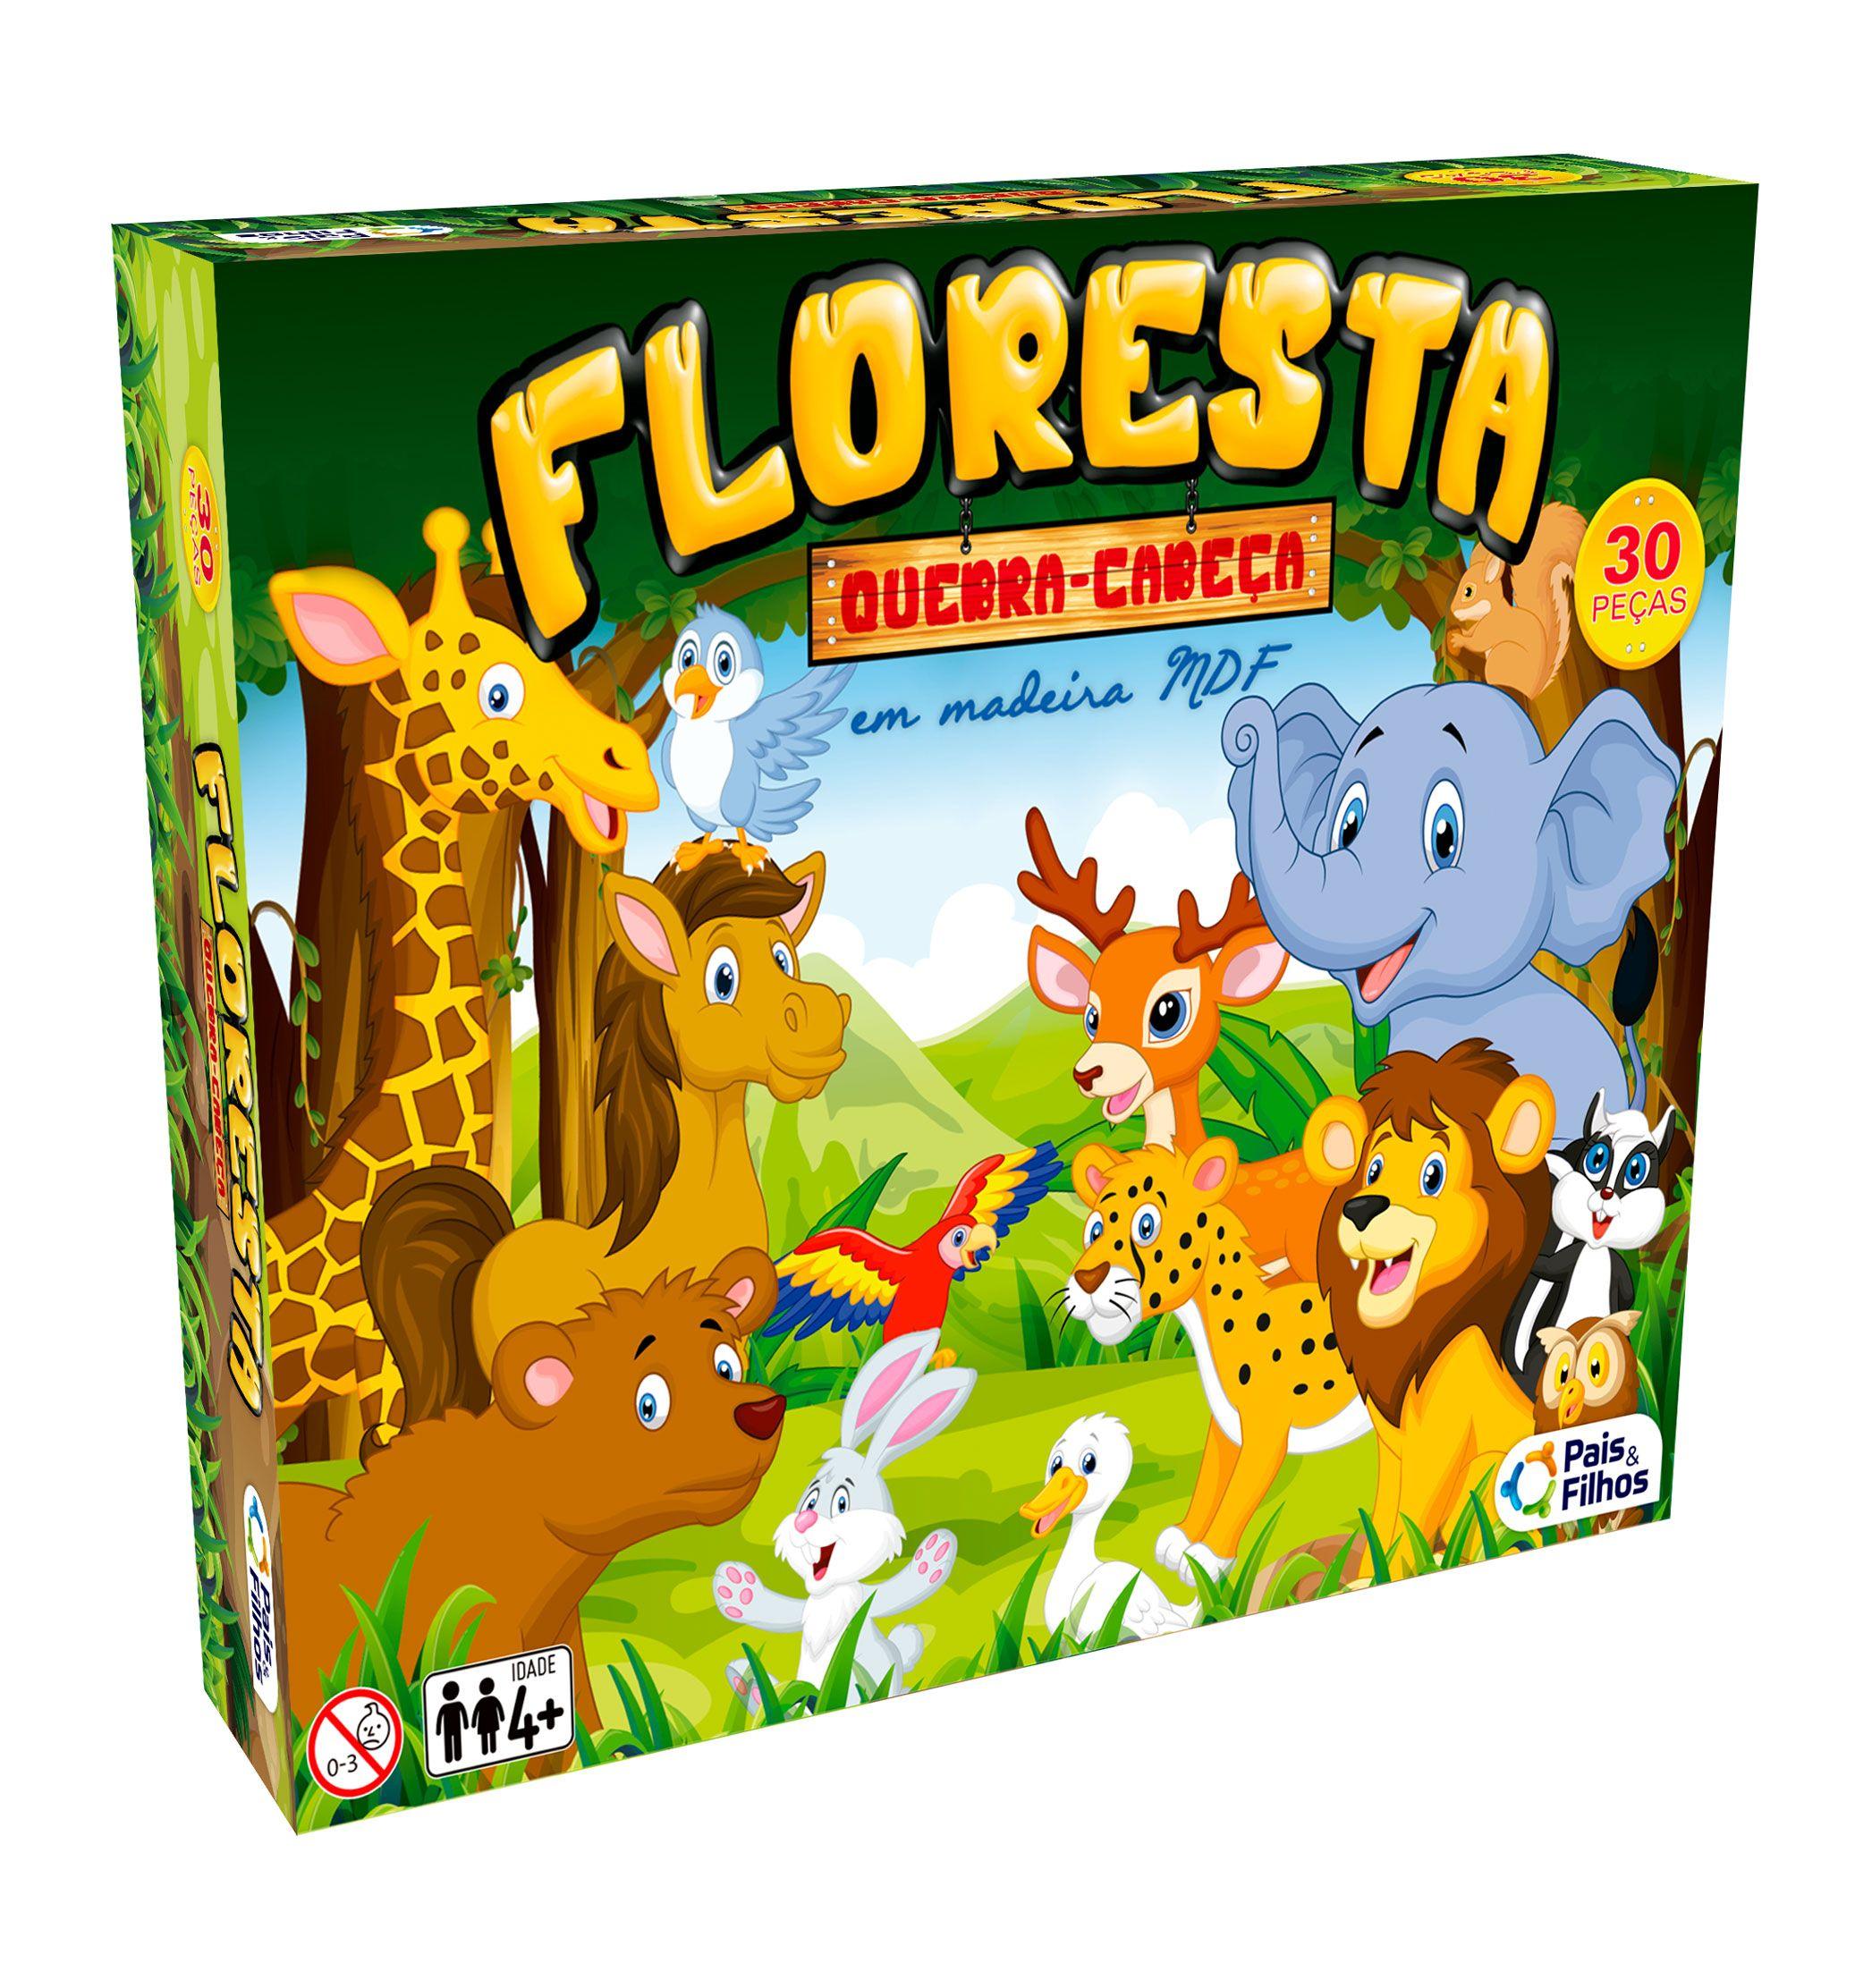 Floresta - 30 peças Quebra-Cabeça em Madeira-7690